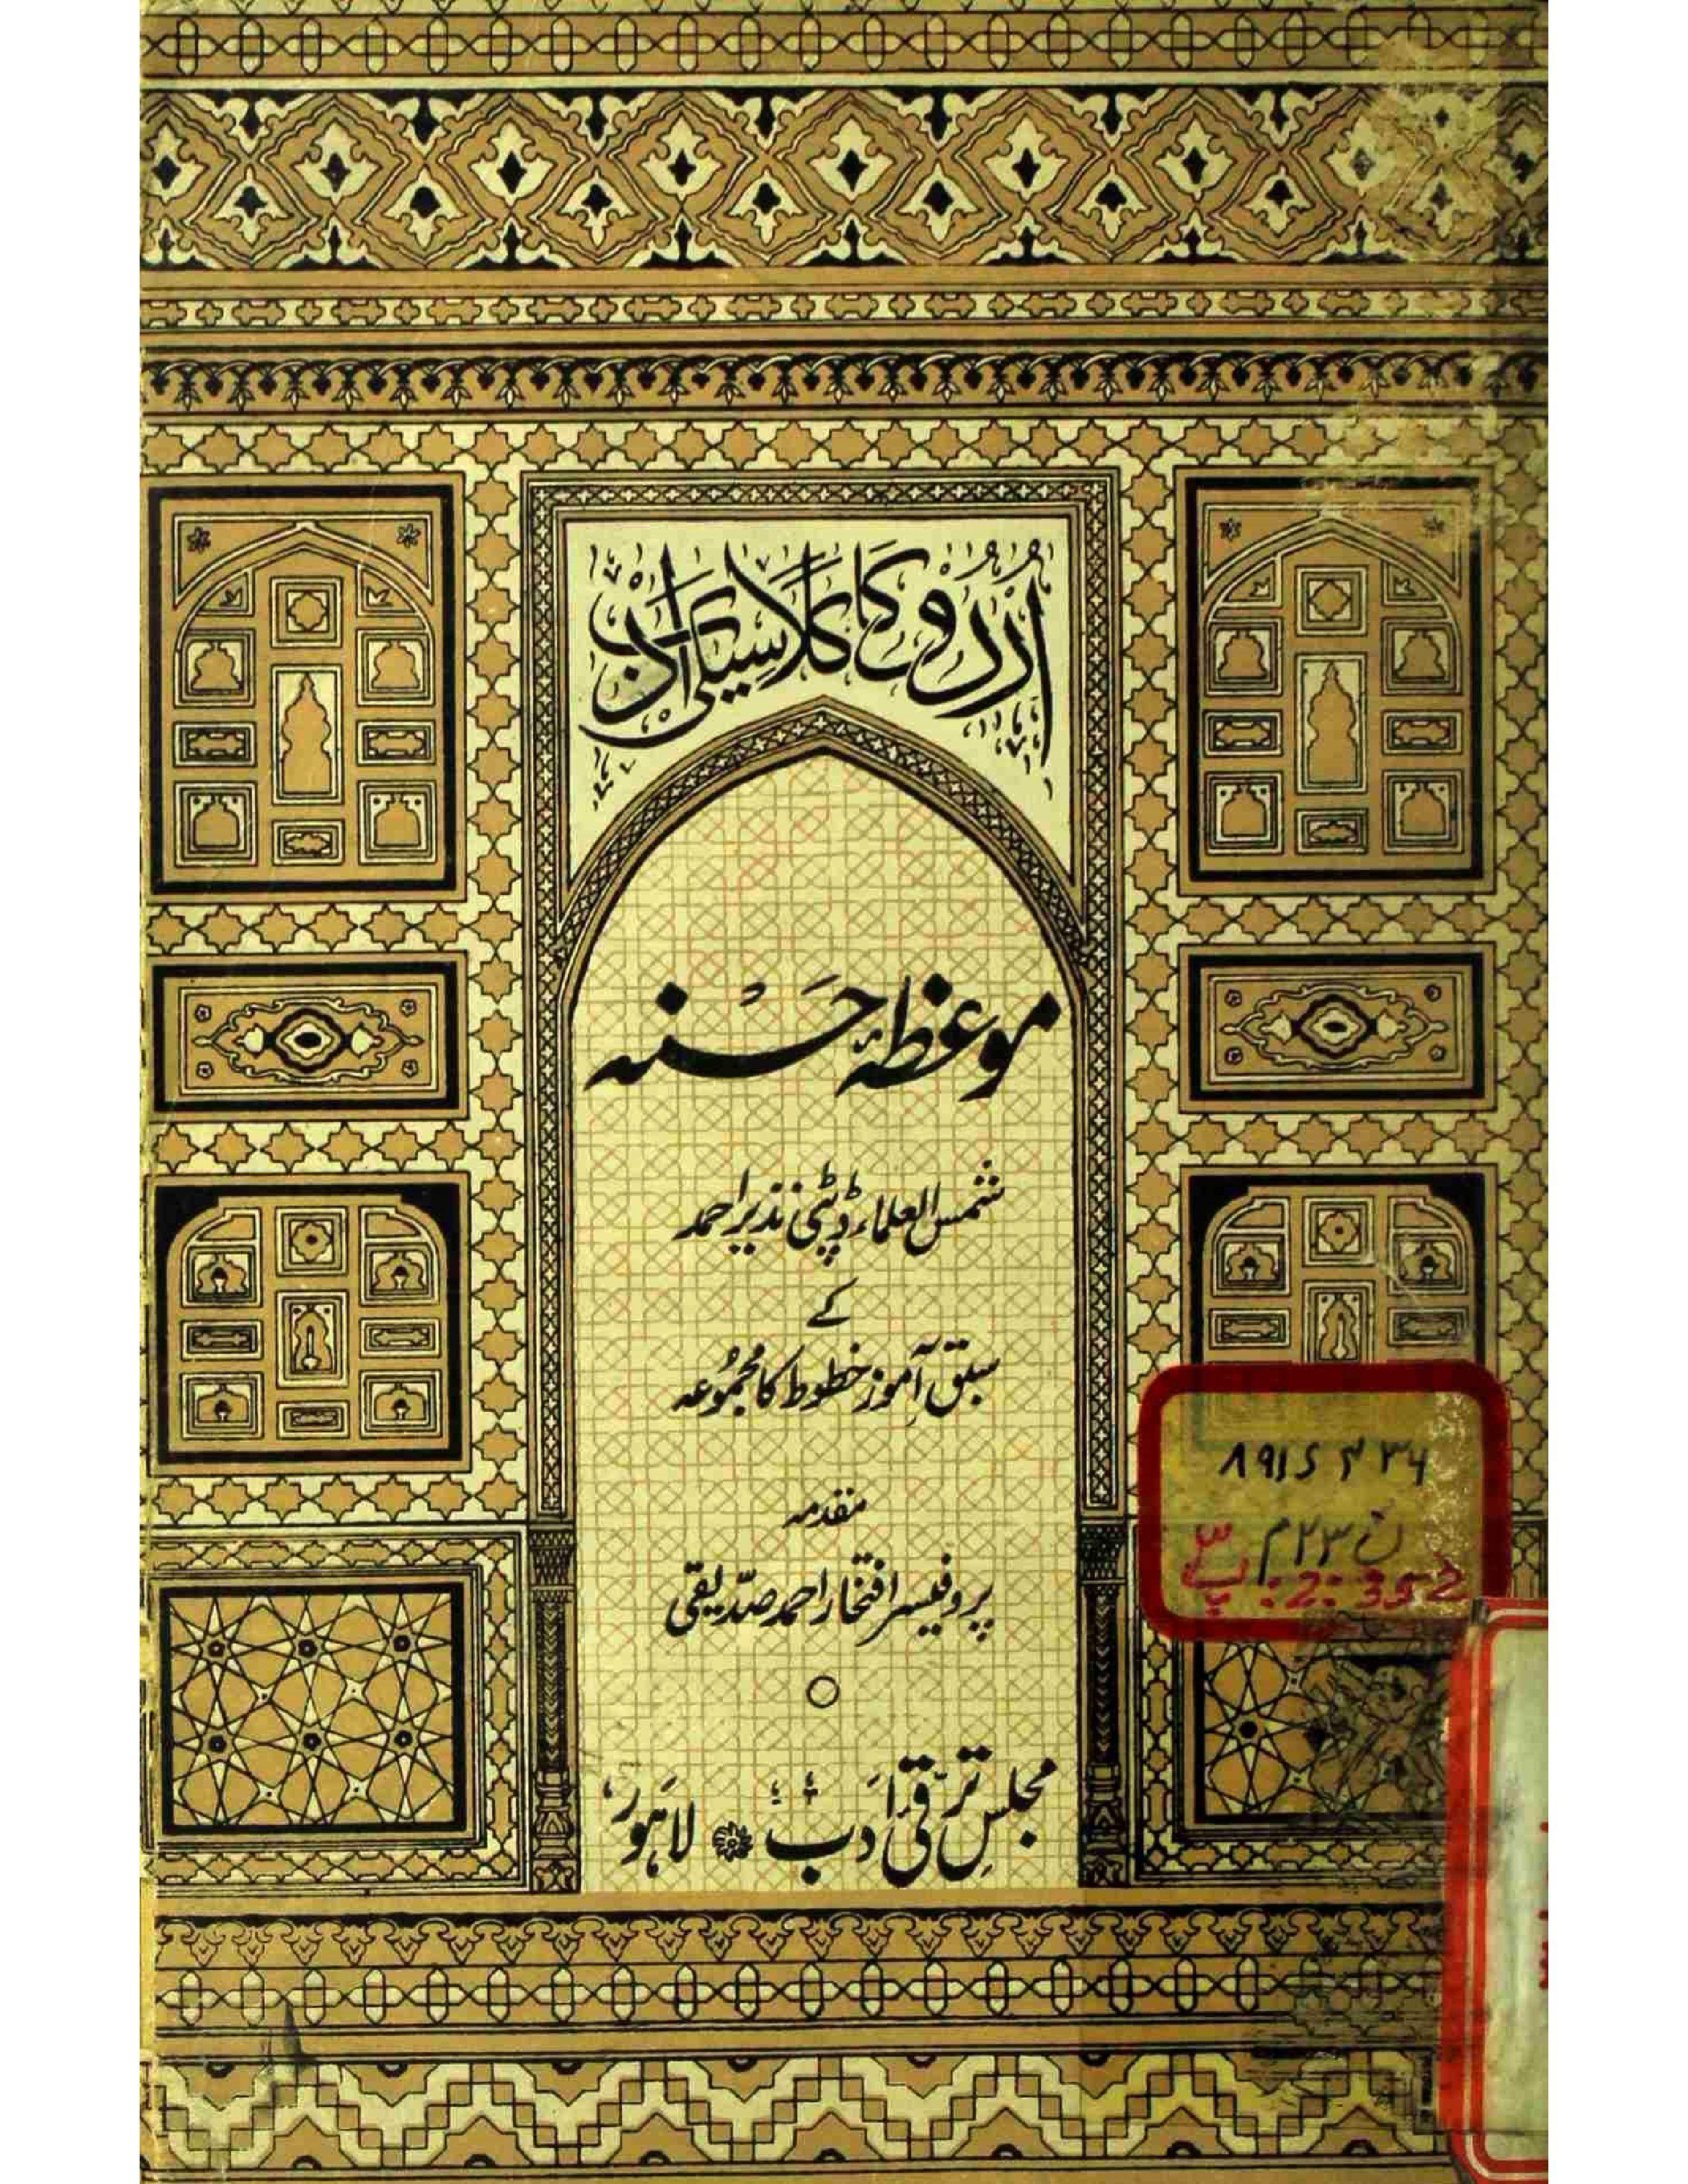 Moeza-e-Hasna